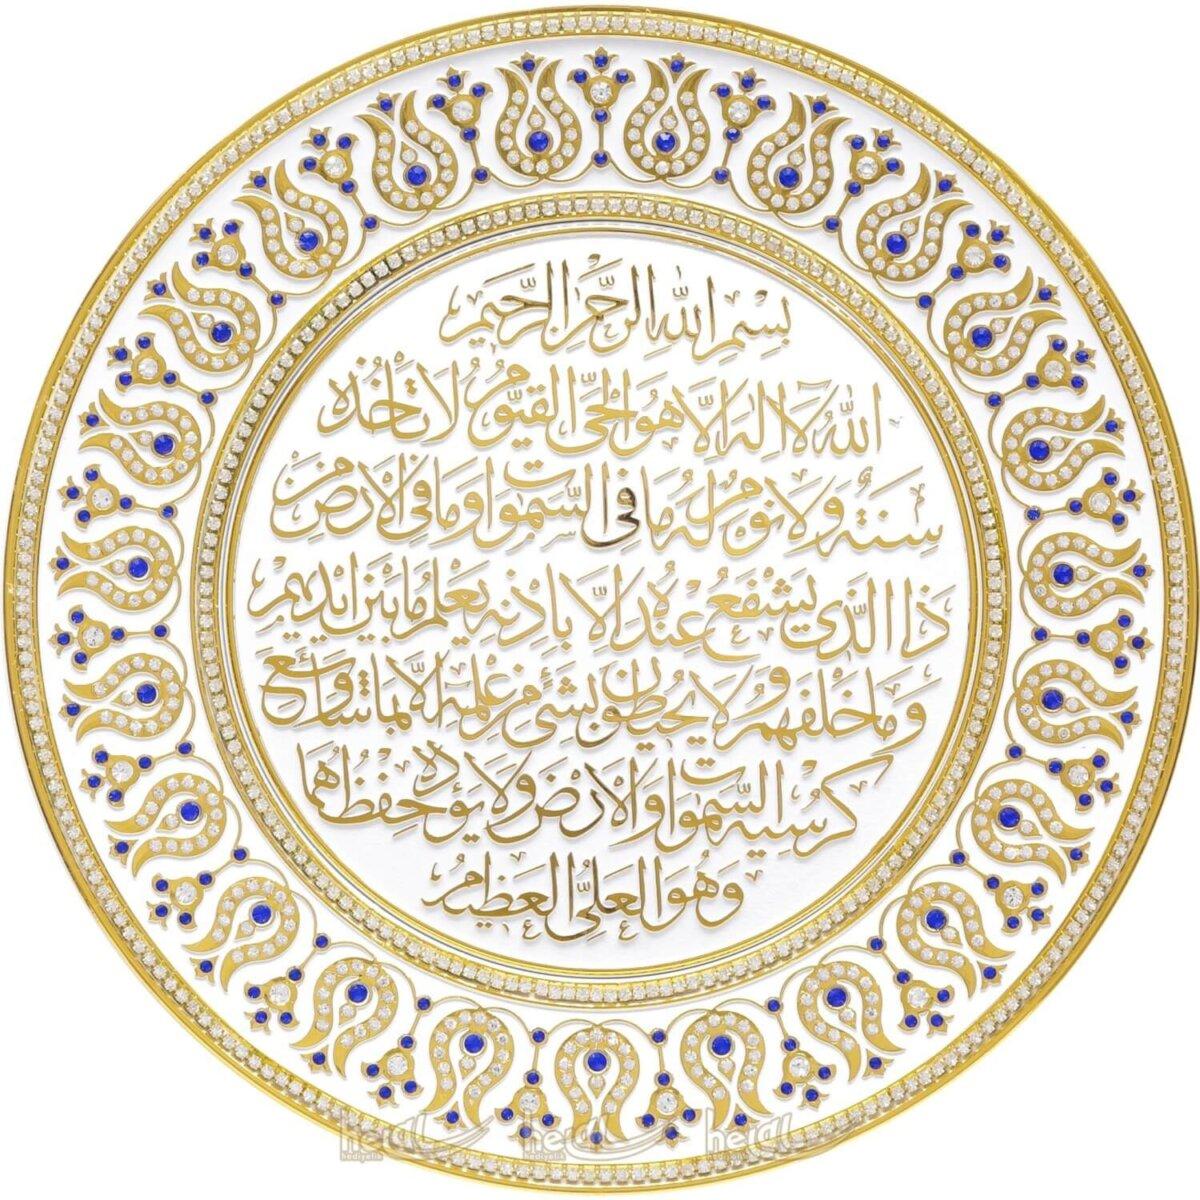 33cm Kristal Taşlı Ayetel Kürsi Duası Yazılı Tabak Masa Üstü ve Duvar Süsü Ayetli Ürünler